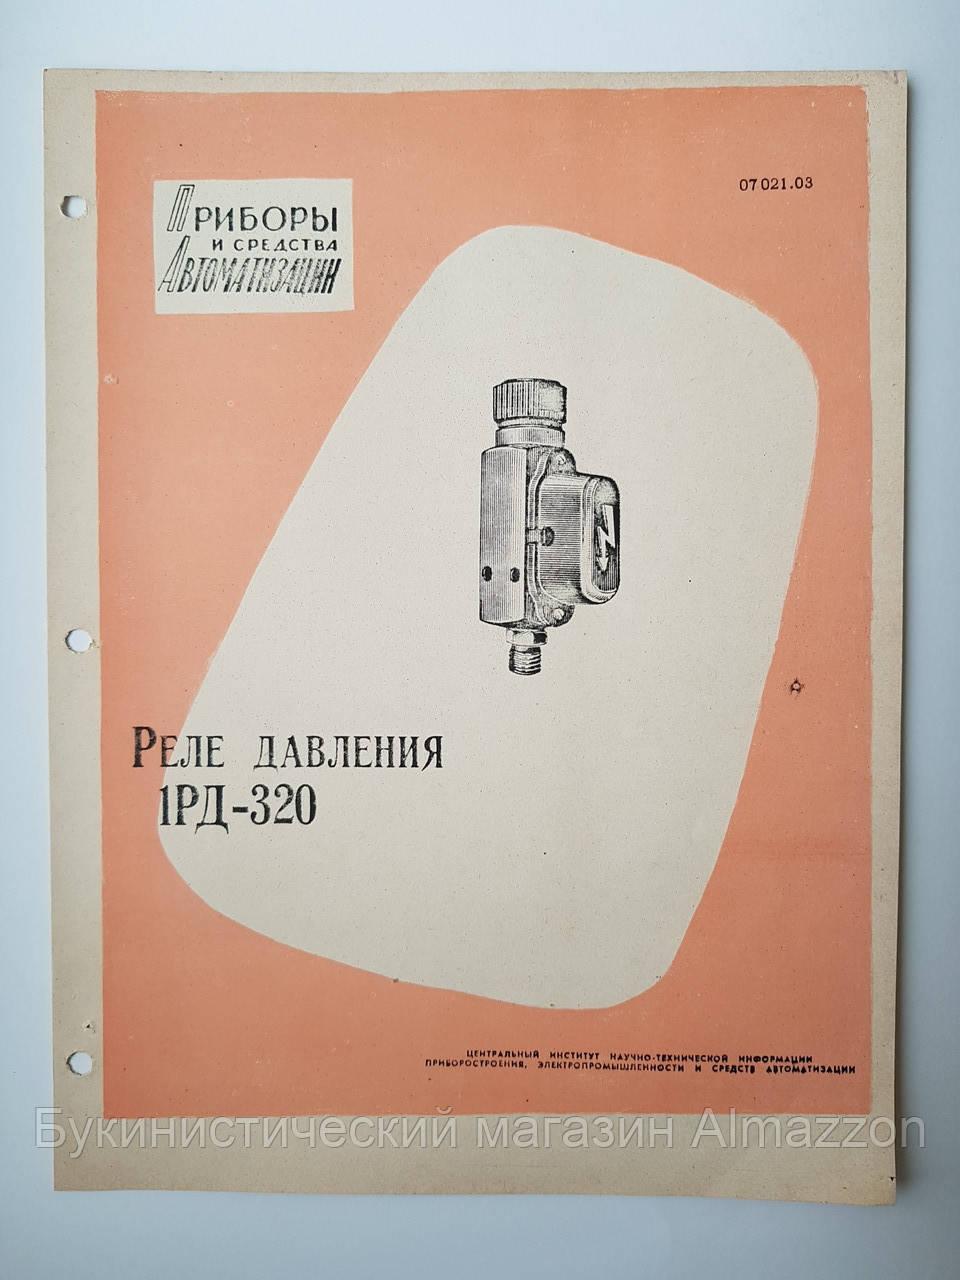 """Журнал (Бюллетень) """"Реле давления 1РД-320  07021.03"""" 1962 г."""